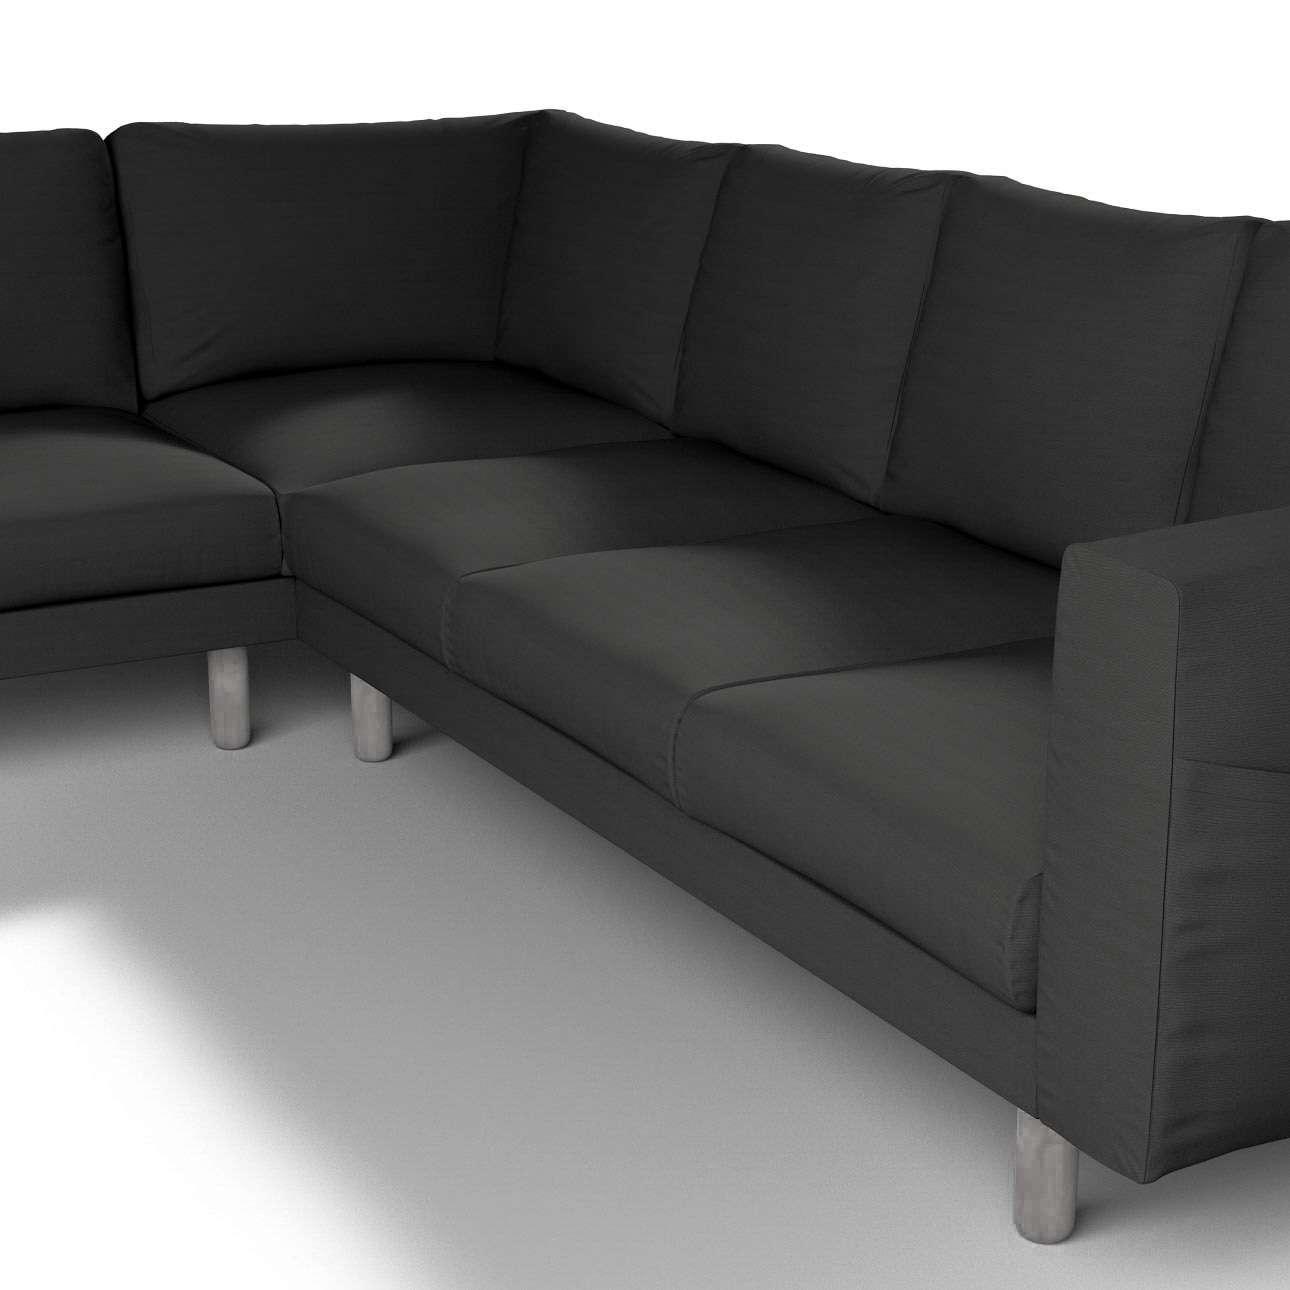 Pokrowiec na sofę narożną Norsborg 5-osobową w kolekcji Cotton Panama, tkanina: 702-08